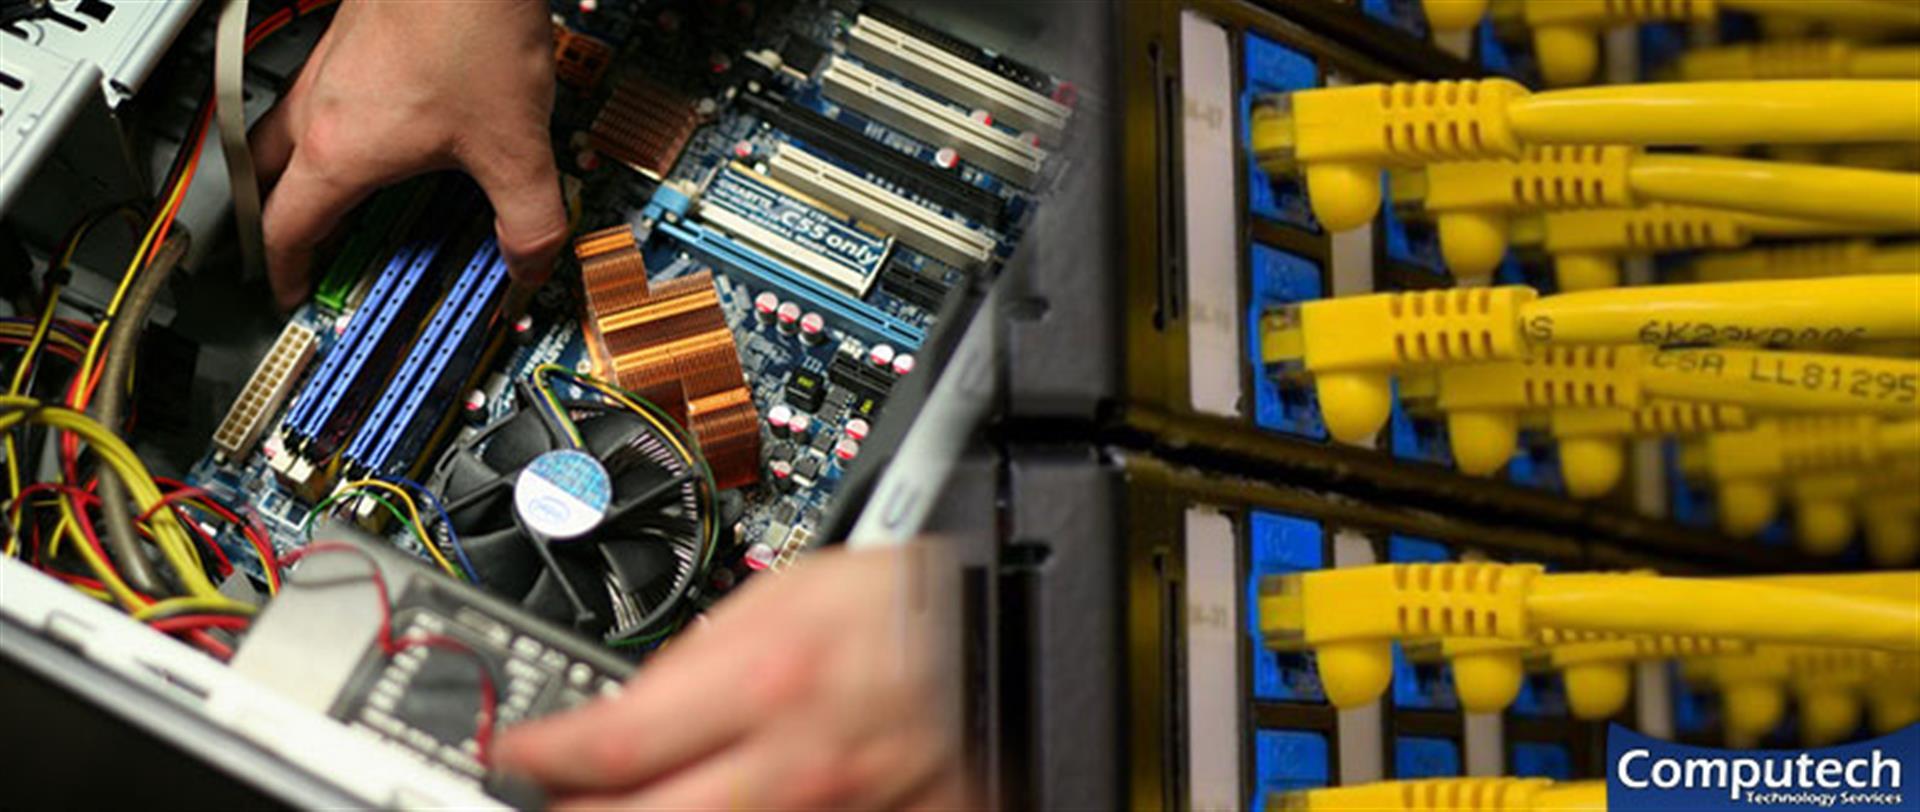 Pelham Alabama On-Site Computer & Printer Repair, Network, Telecom & Data Cabling Services